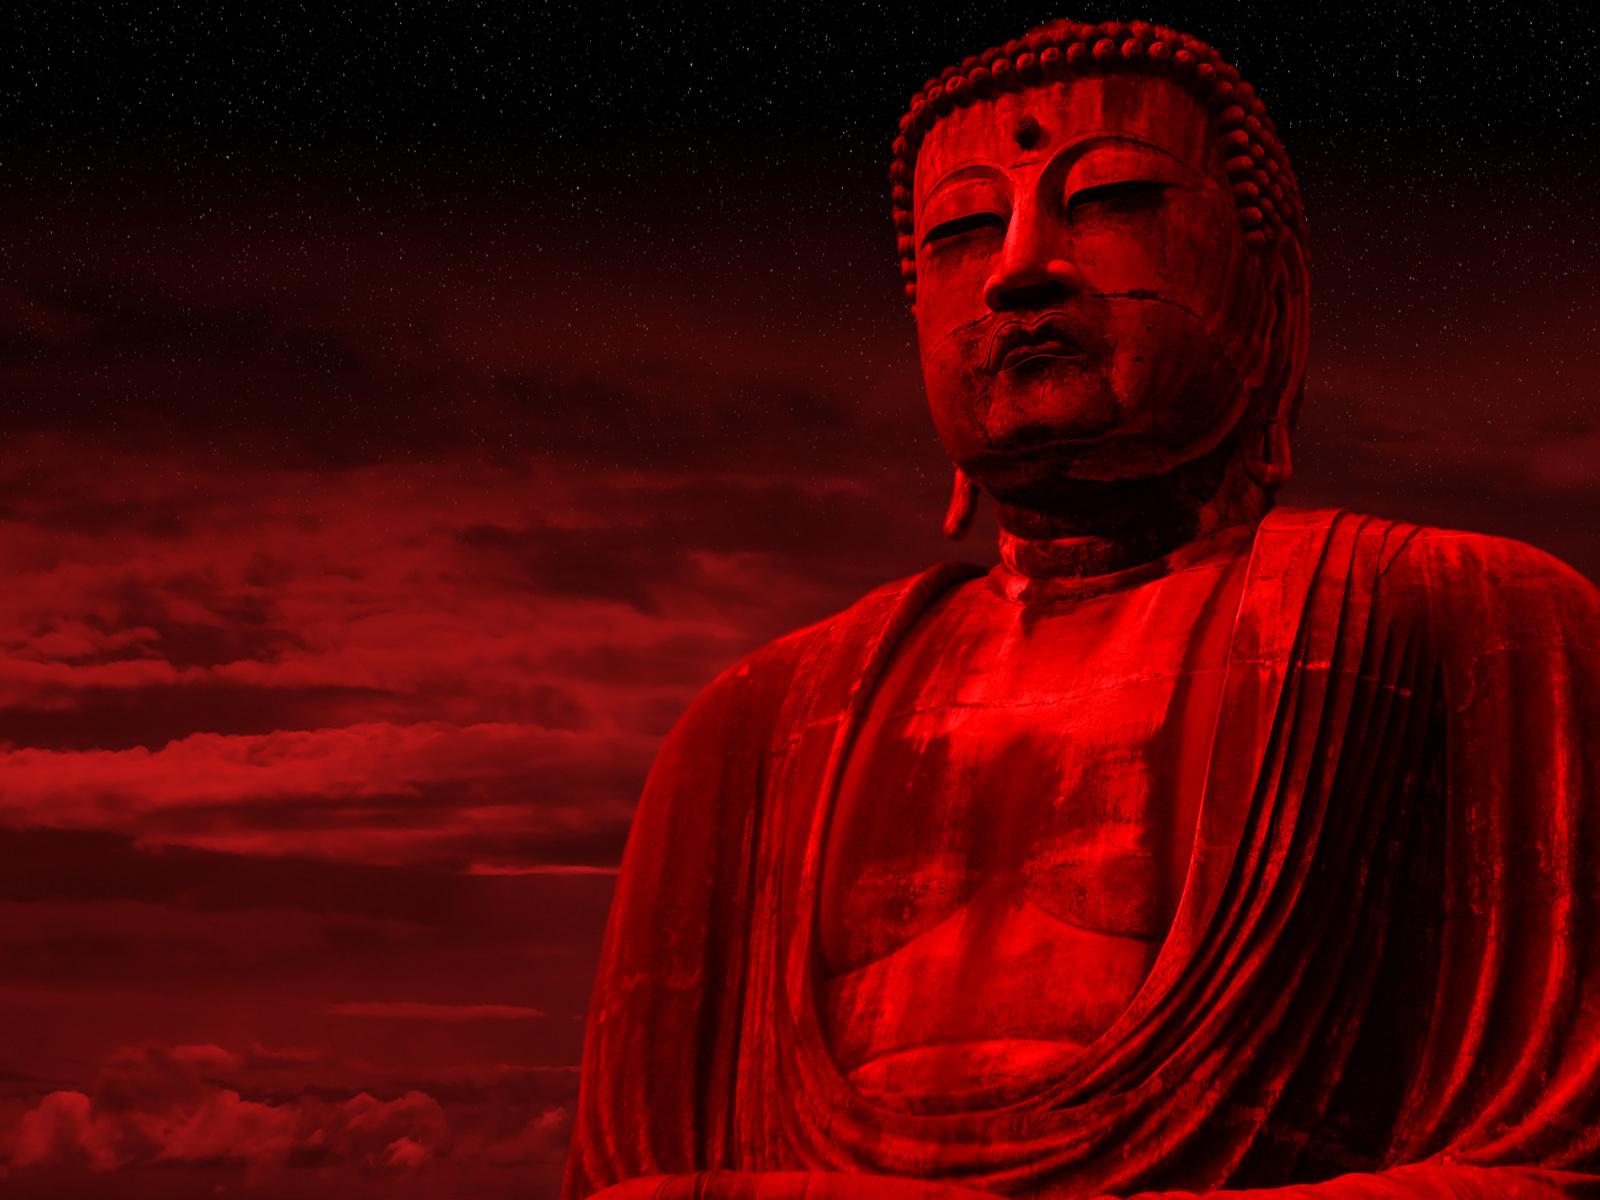 lord buddha education foundation - HD1600×1200